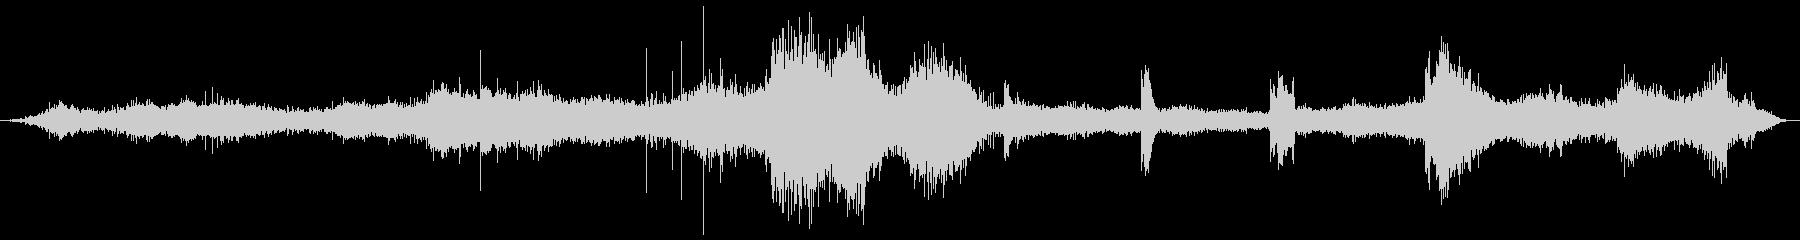 【ダークシンセ】 奇妙な場面の未再生の波形